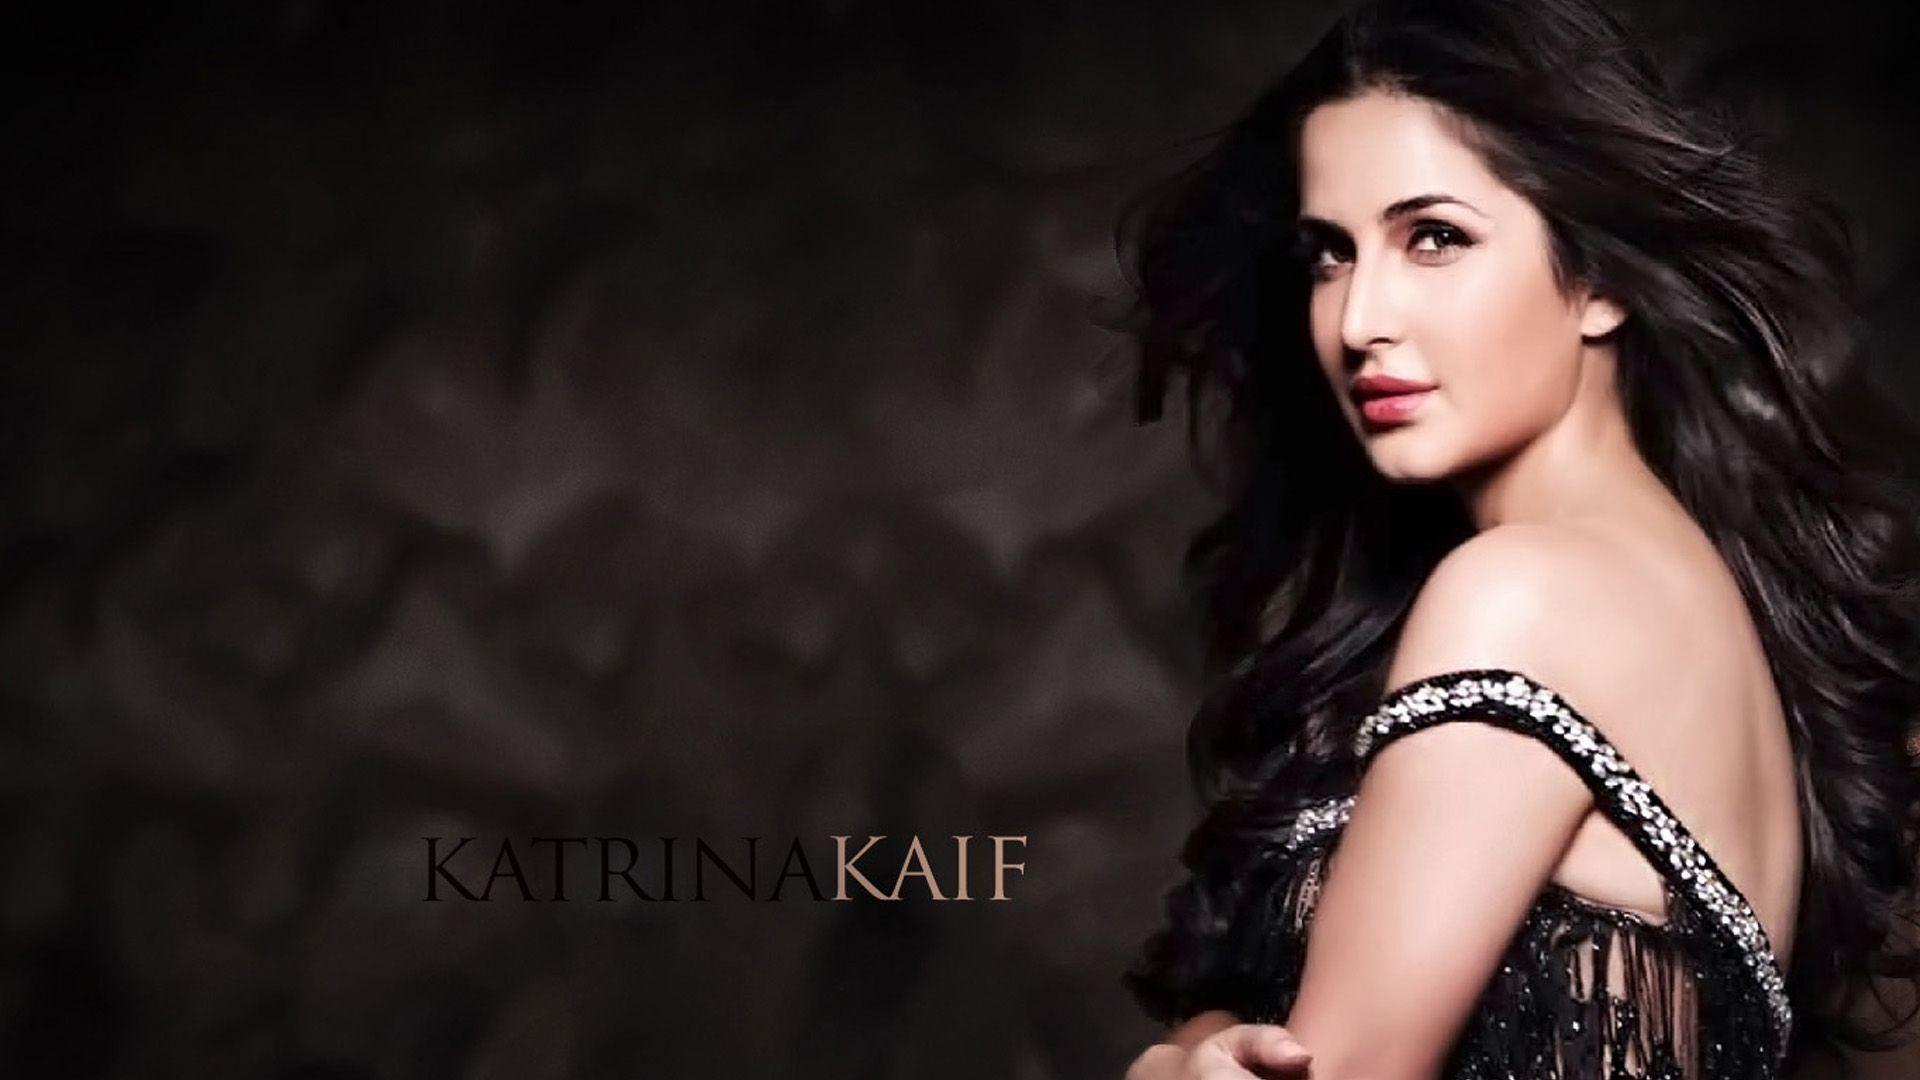 katrina kaif wallpapers hd 72 images